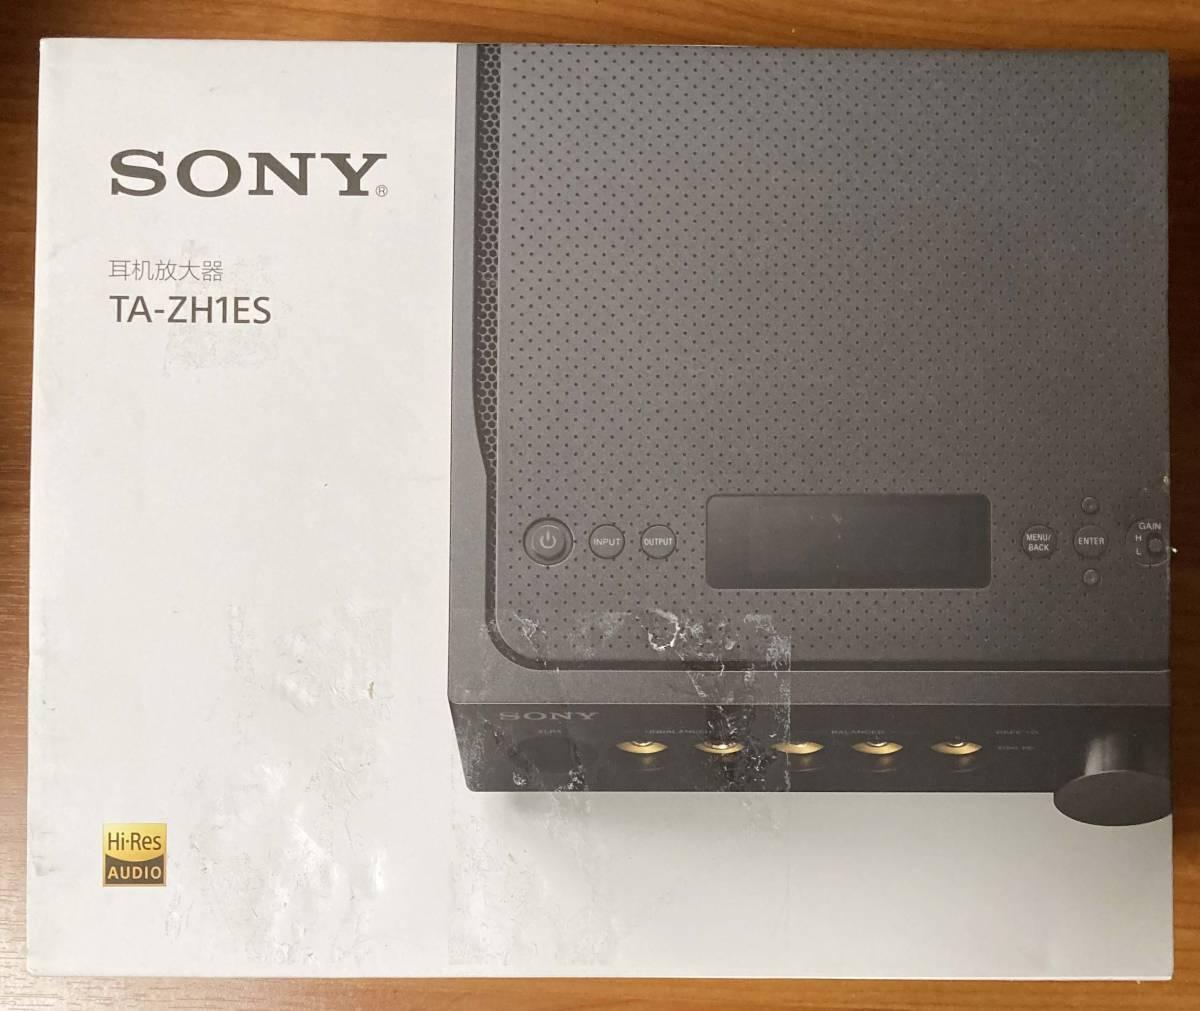 【美品】SONY DAC内蔵ヘッドホンアンプ TA-ZH1ES 【220V-240V仕様品】_画像10